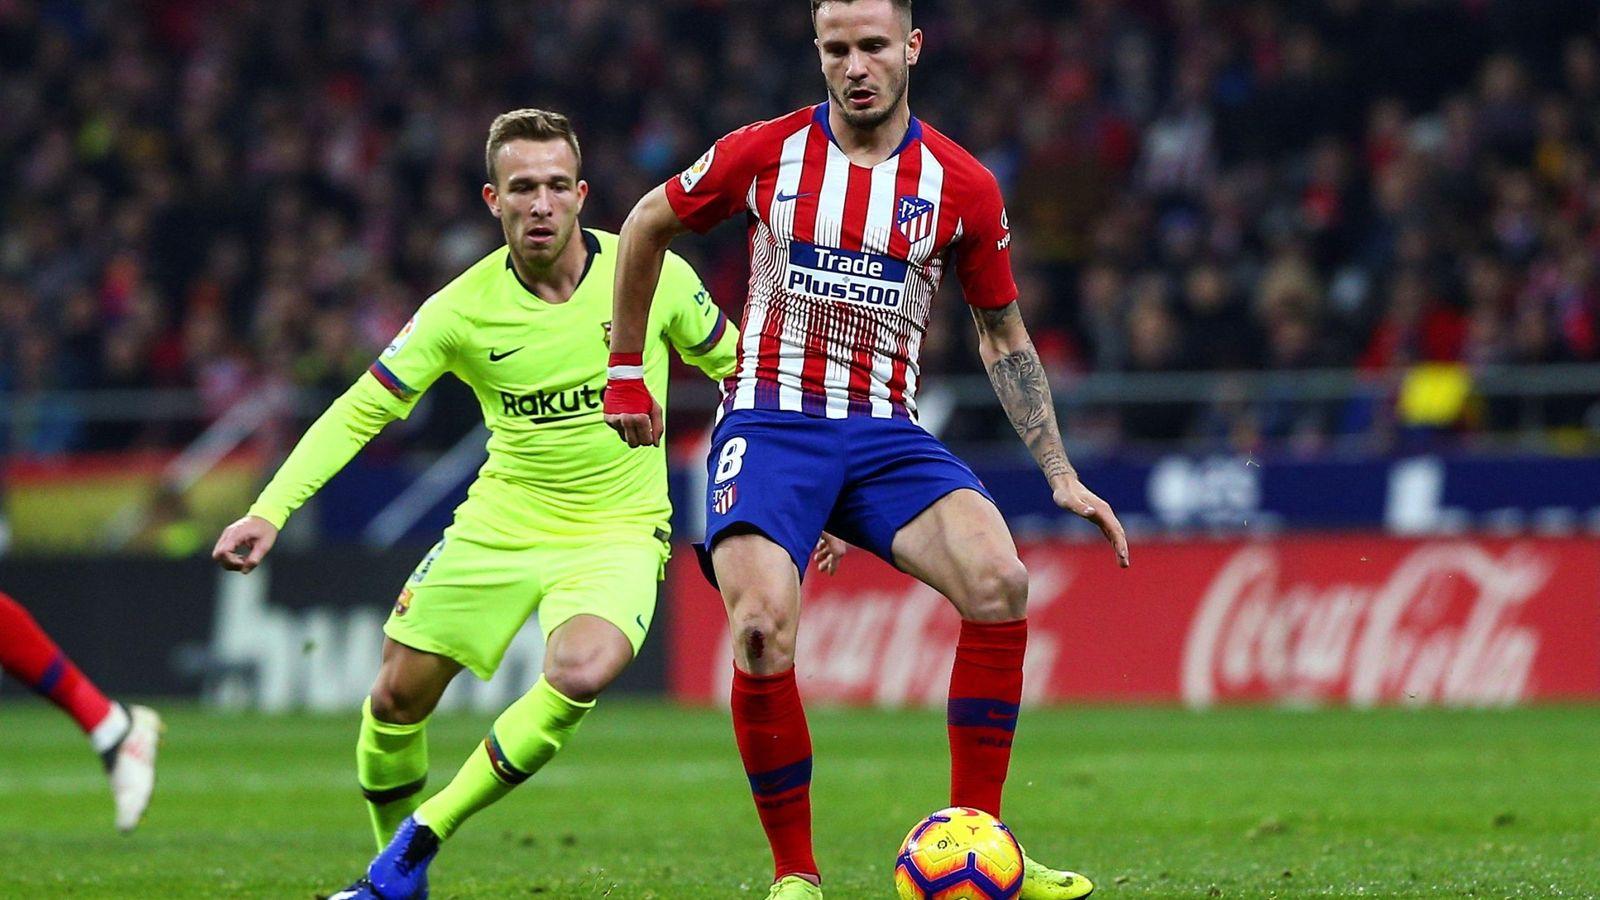 Foto: Saúl tiene contrato con el Atlético de Madrid hasta 2026. (EFE)